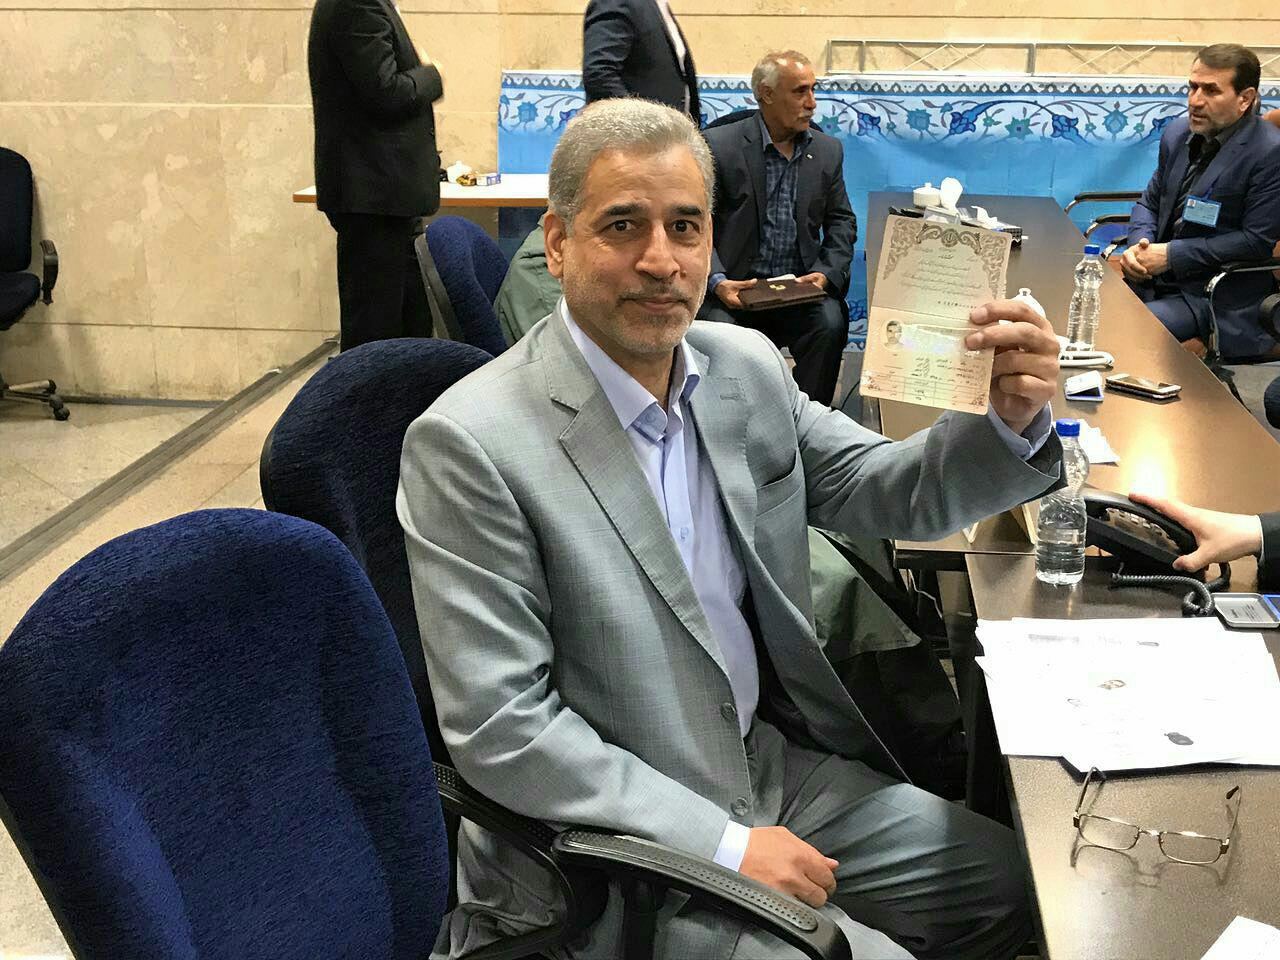 وزیرجهاد کشاورزی احمدینژاد نامزد انتخابات ریاست جمهوری شد